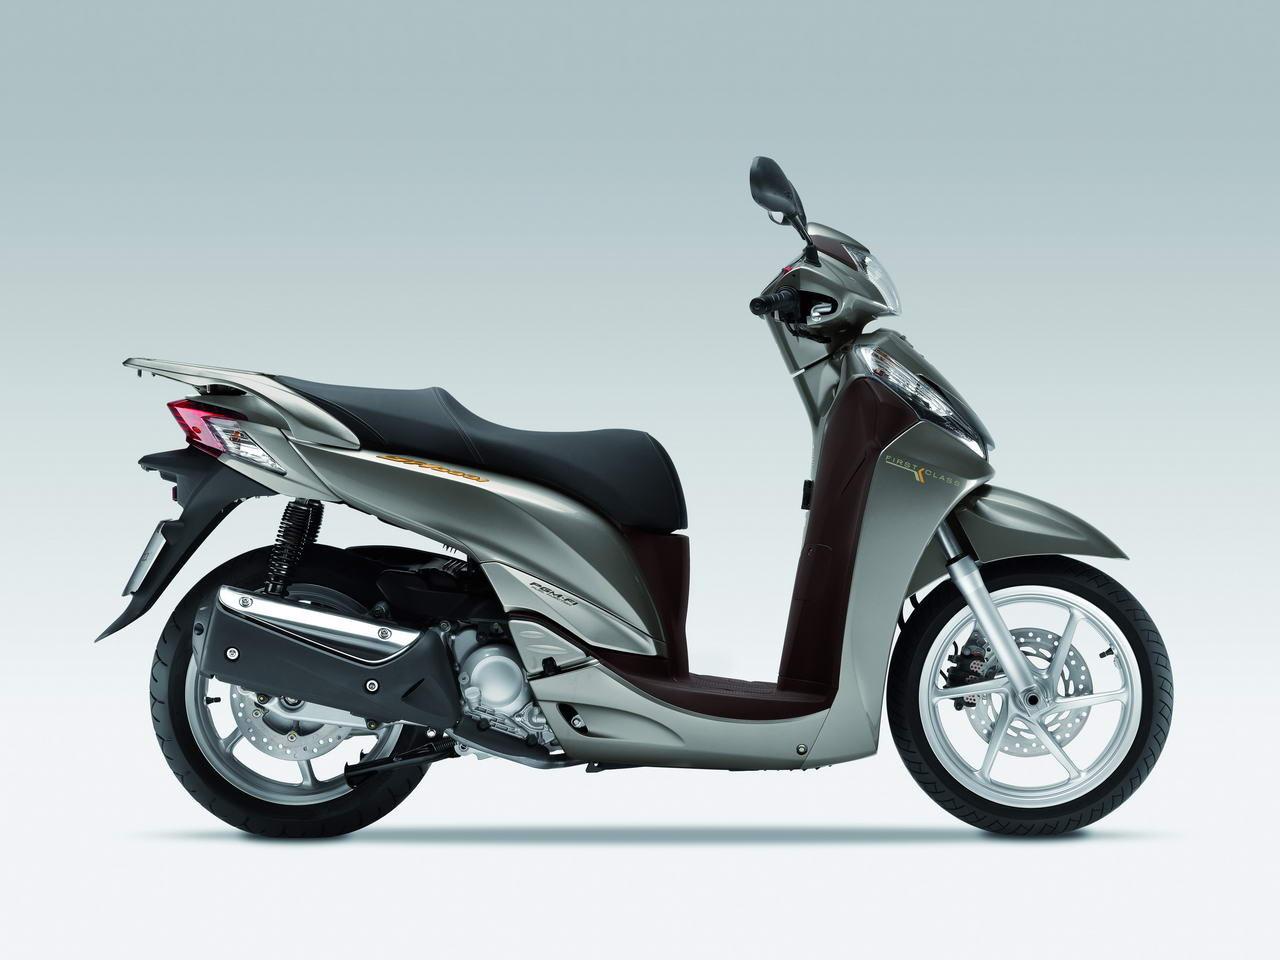 Listino Honda CB 500F Naked Media - image 14714_honda-sh300ispecial-abs on http://moto.motori.net